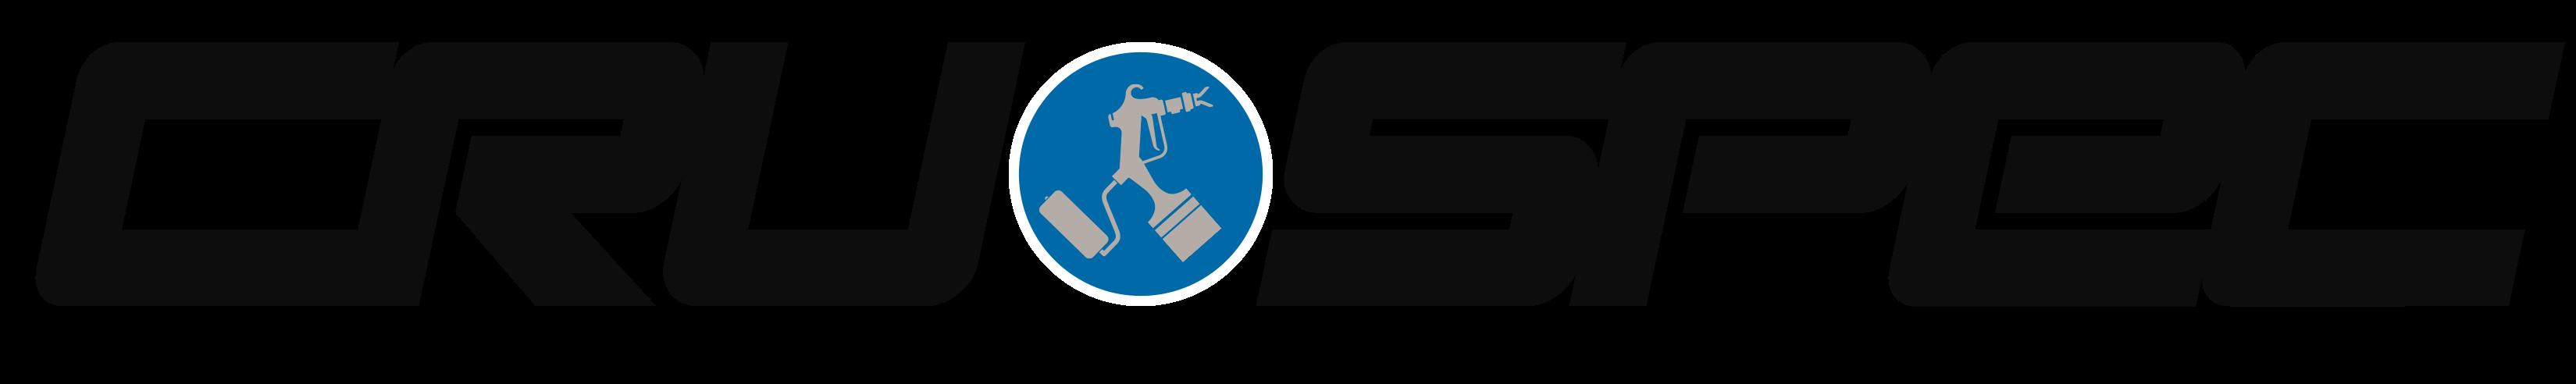 Cru spec logo cropped transparent